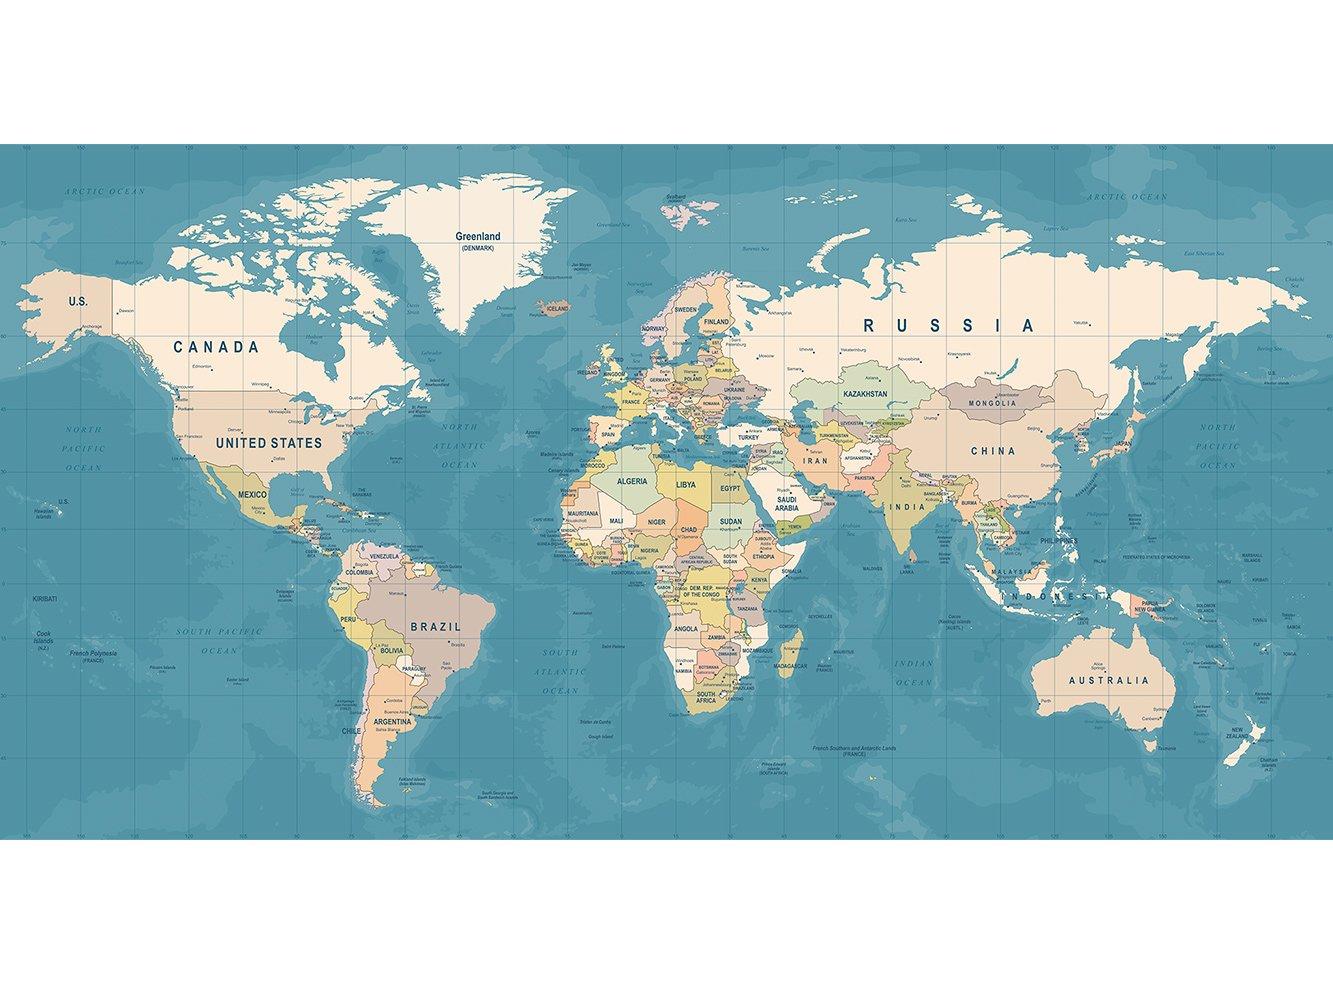 Cuadro Cartón Pluma Pared Mapamundi Fondo Azul | Cuadro para Paredes | Cartón Pluma Decorativo | Varias Medidas 200 x 104 cm | Decoración comedores, ...